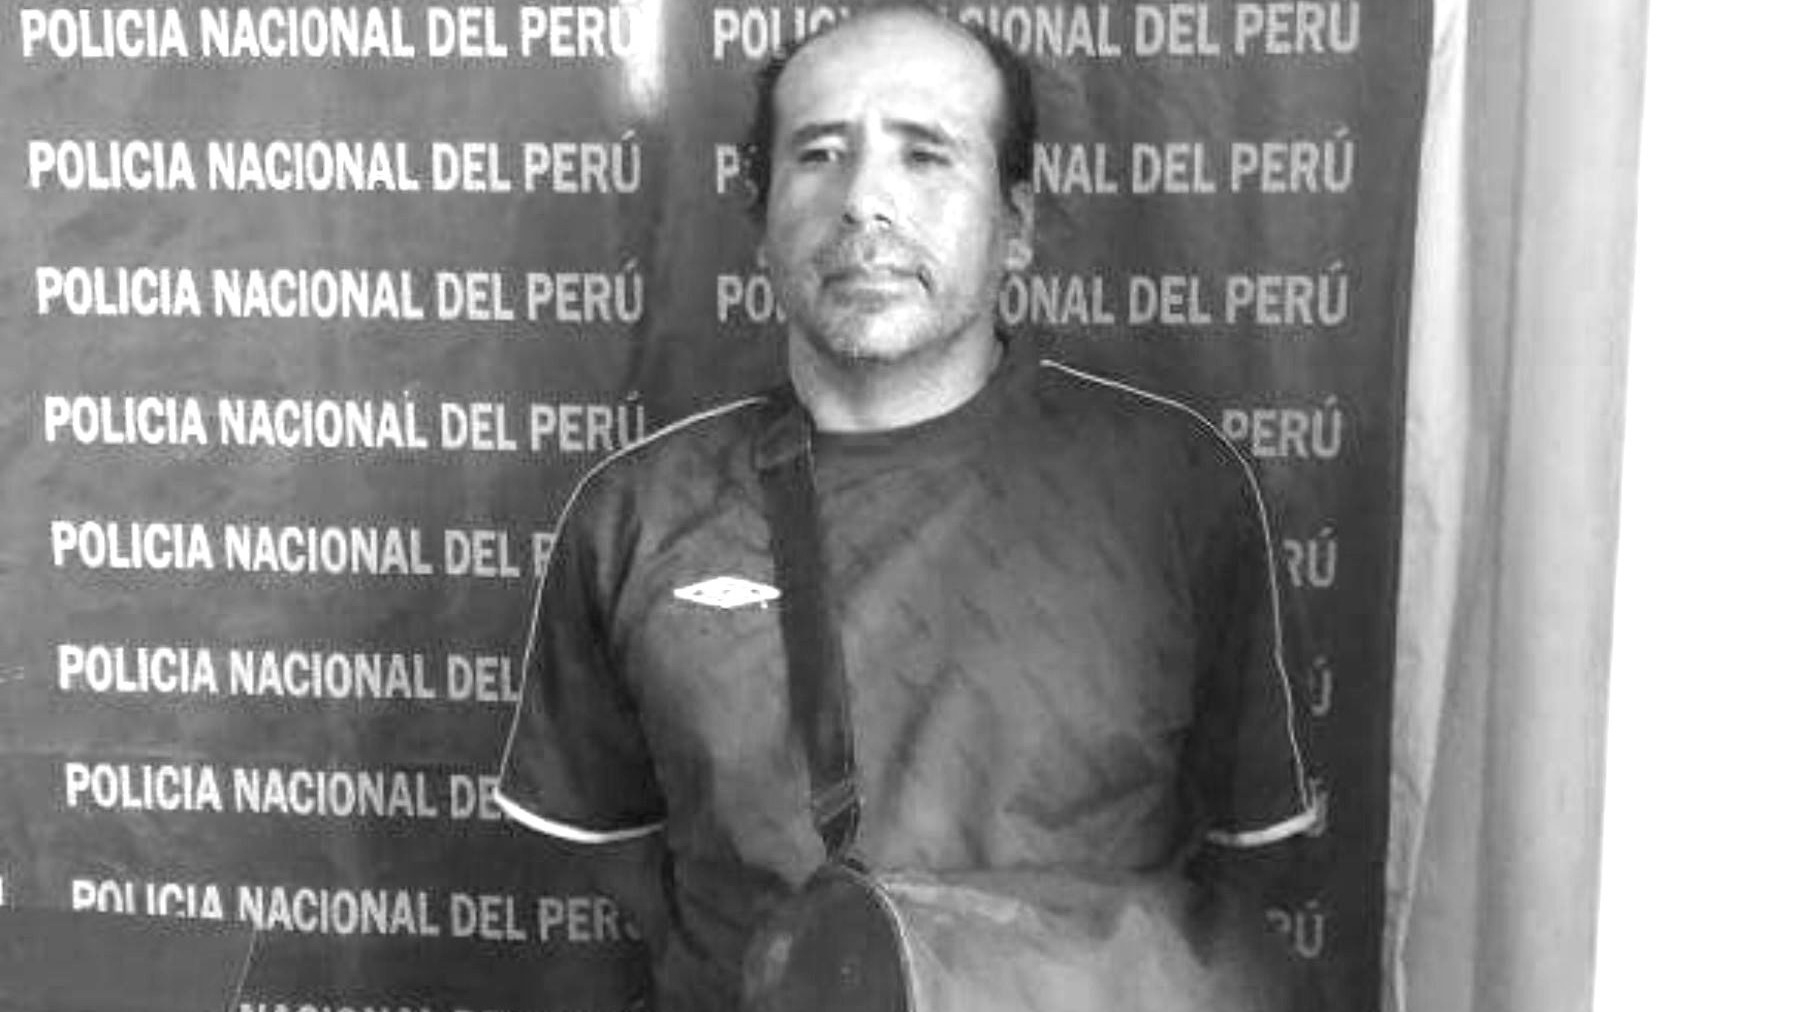 César Alva Mendoza ya tenía dos denuncias previas por agresión sexual. Una data del 2014 y otra en 2016.